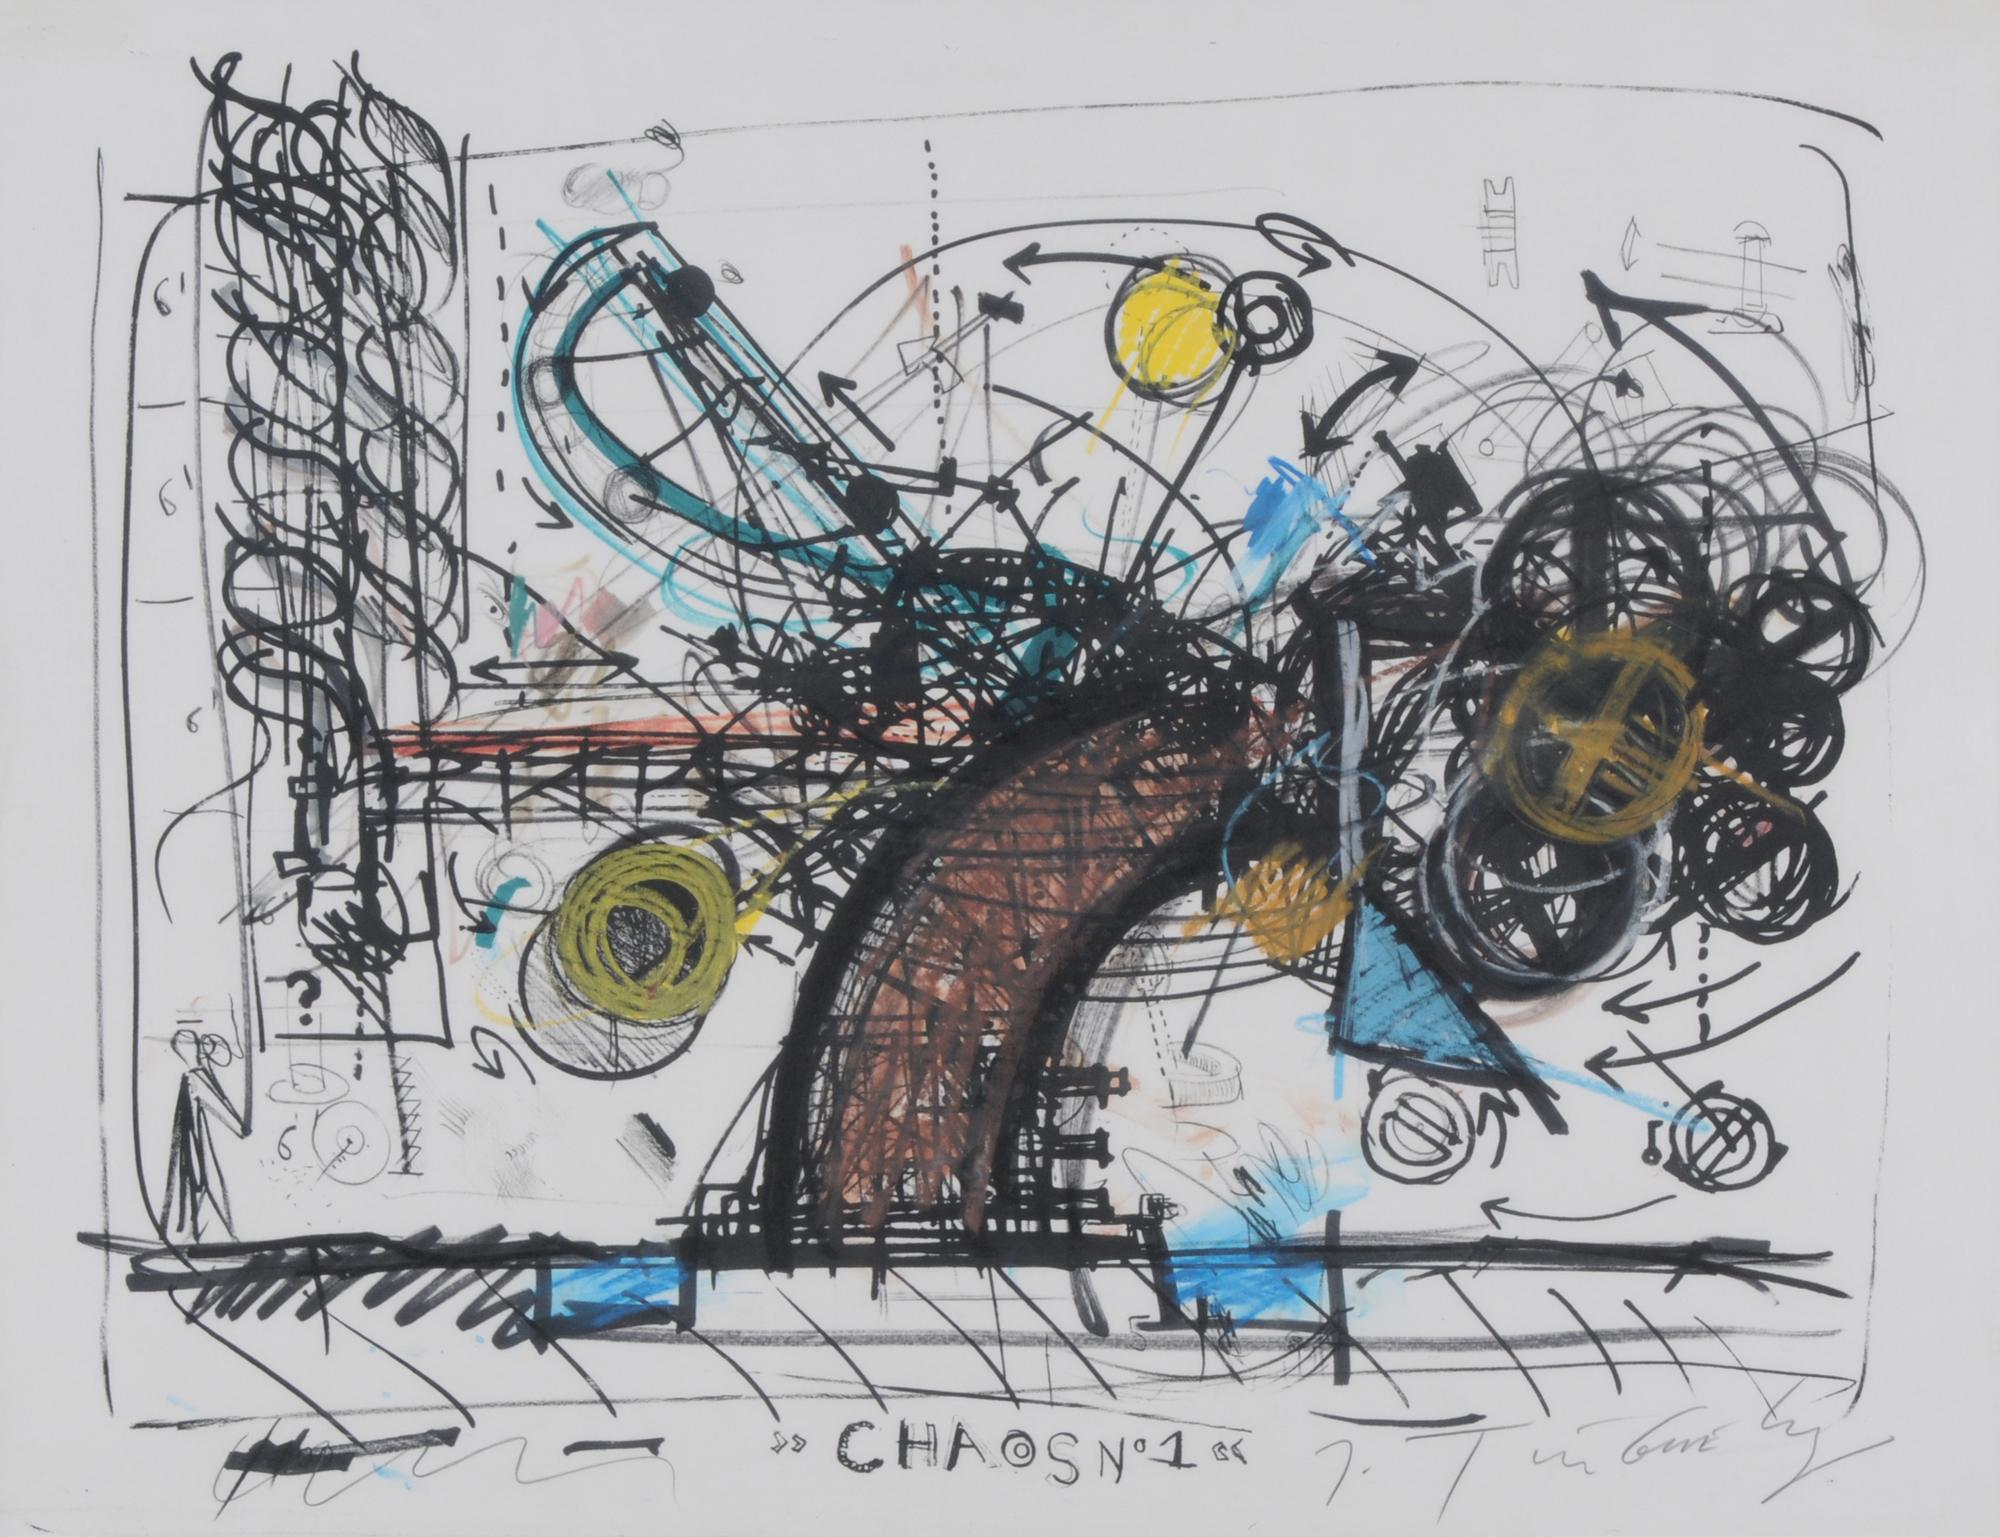 Tinguely Jean, Chaos 1